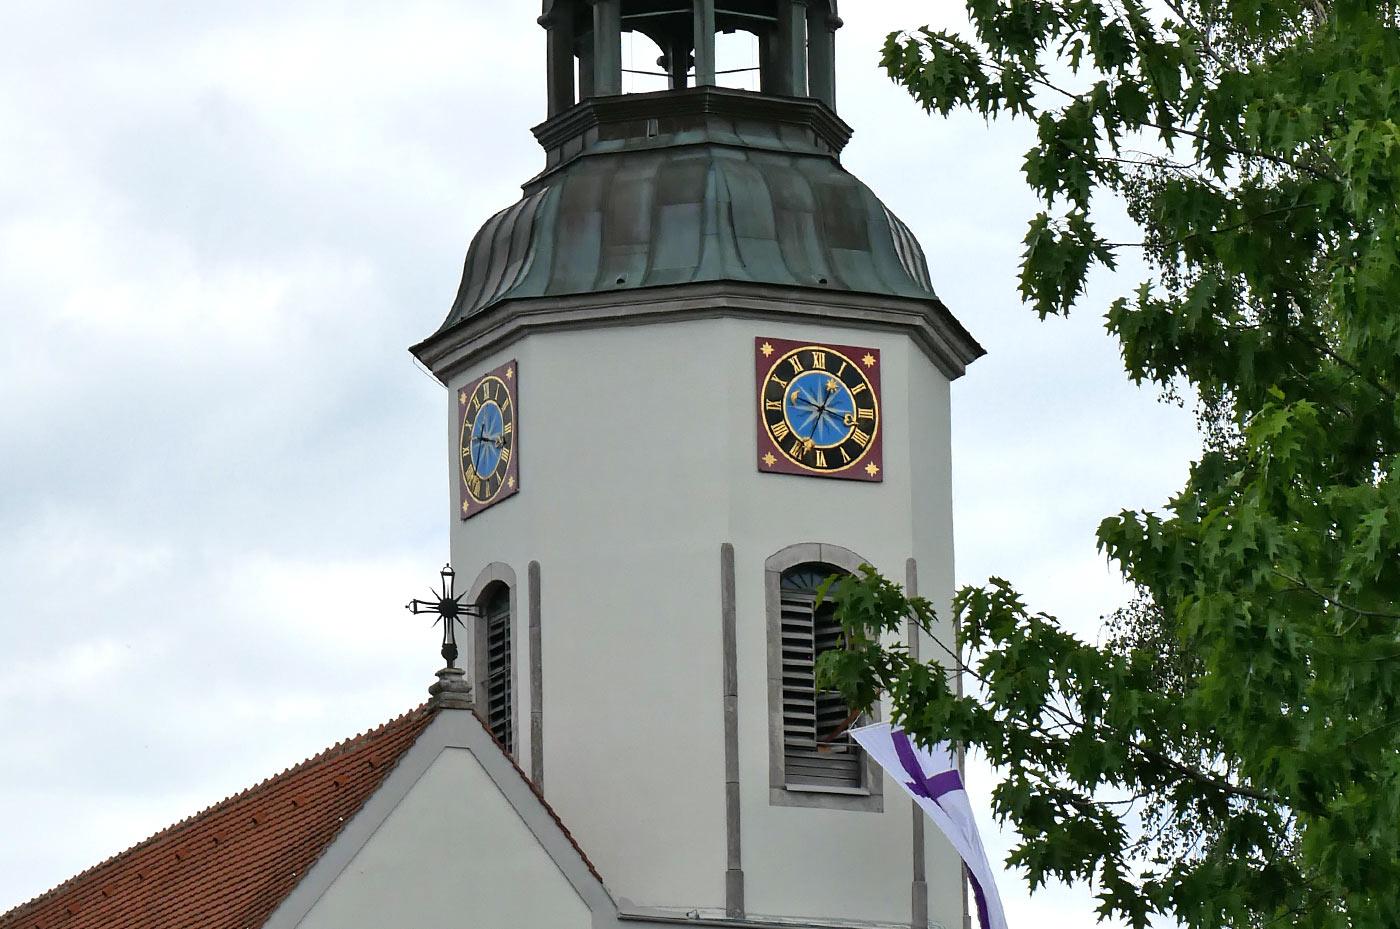 Hoffnungskirche goerlitz